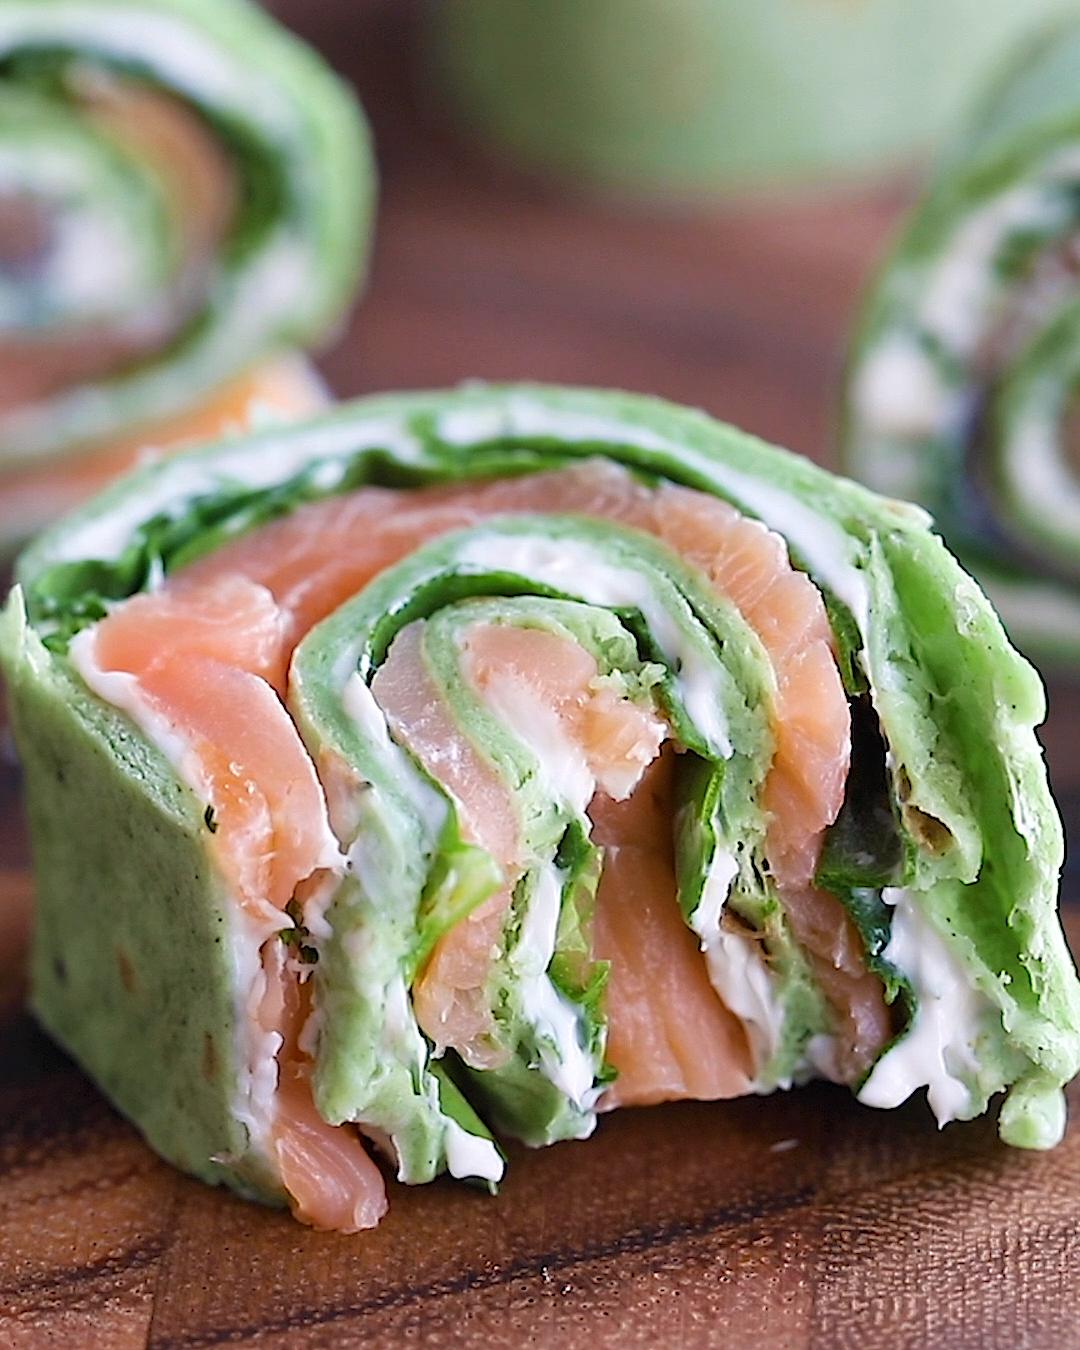 10-Minute Smoked Salmon Pinwheels -  Deliciously savory smoked salmon pinwheels rolled up with a fla...